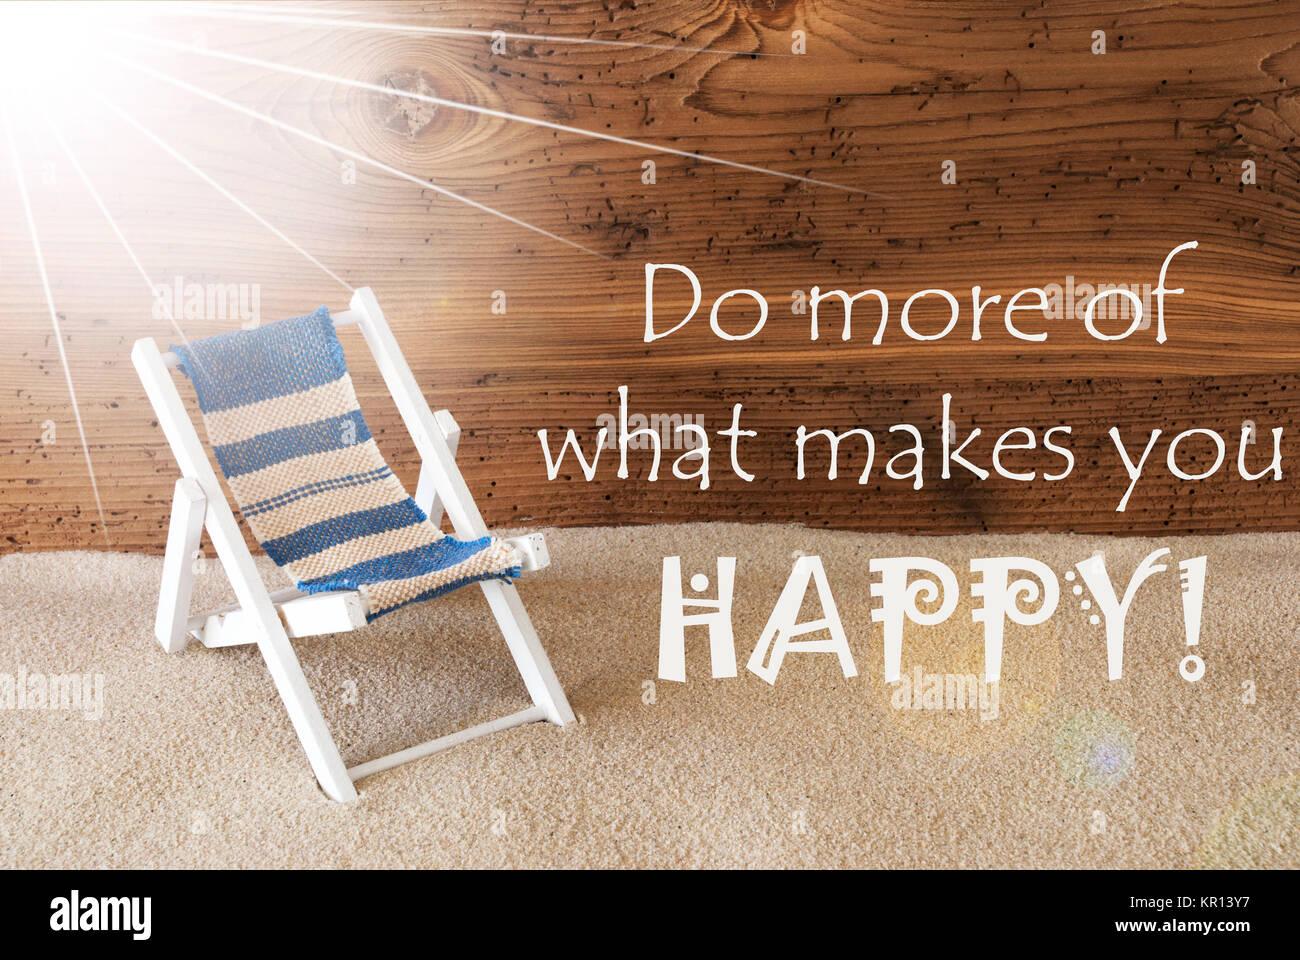 Sonnigen Sommer Gruskarte Mit Sand Und Alter Holz Hintergrund Englisch Zitat Mehr Tun Was Sie Glucklich Macht Liegestuhl Fur Den Urlaub Oder Ferien